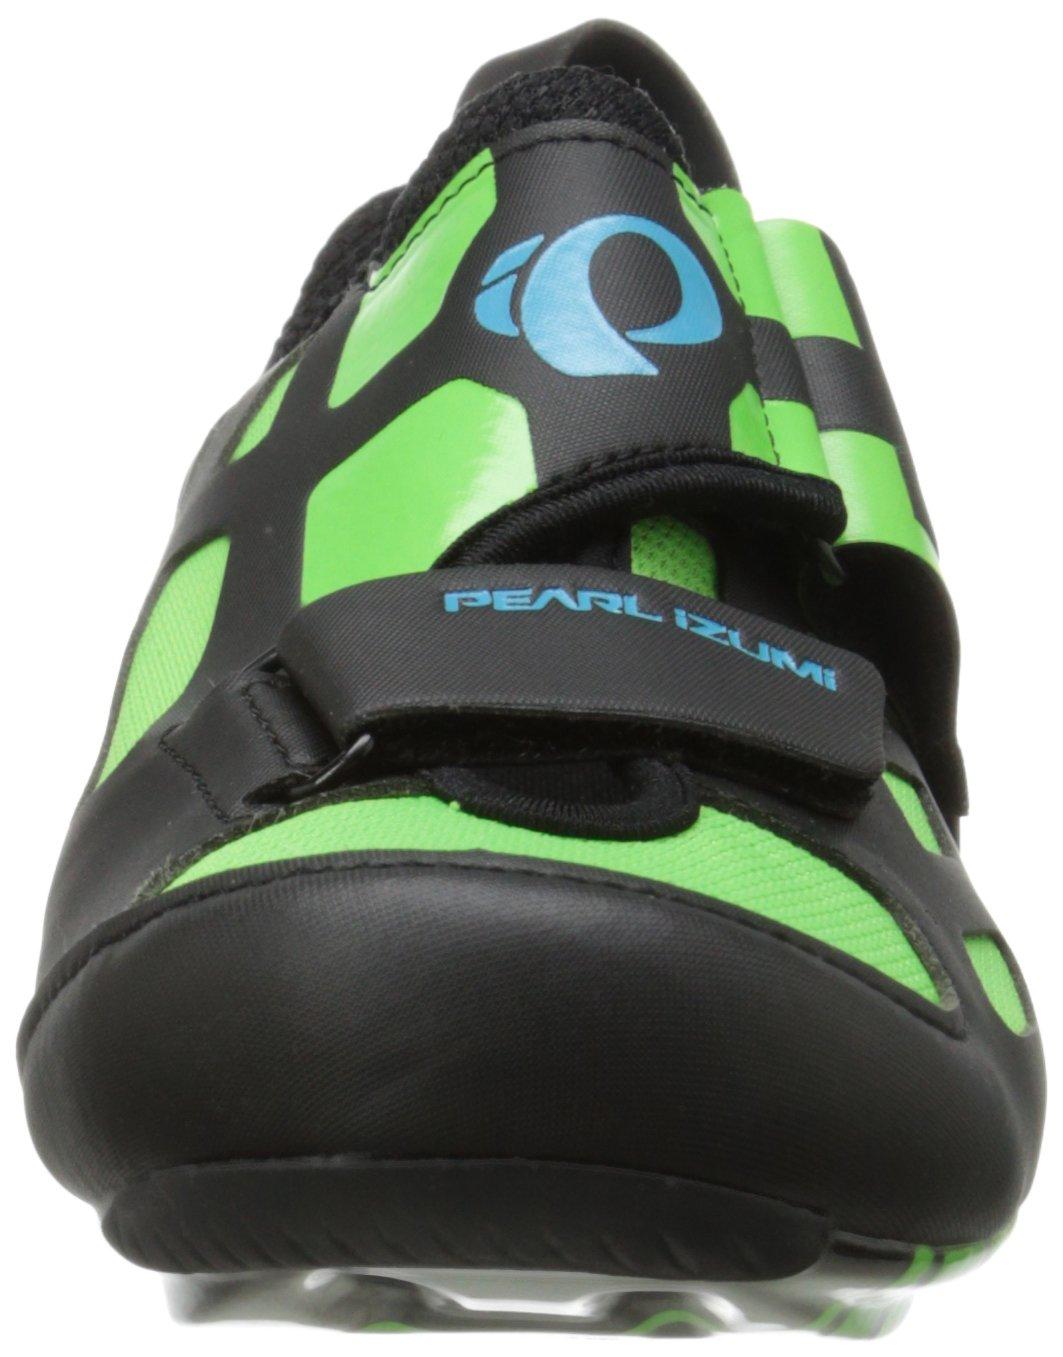 PEARL IZUMI Fly V Carbon Zapatilla de Triatlón, Hombre, Verde, 44: Amazon.es: Deportes y aire libre